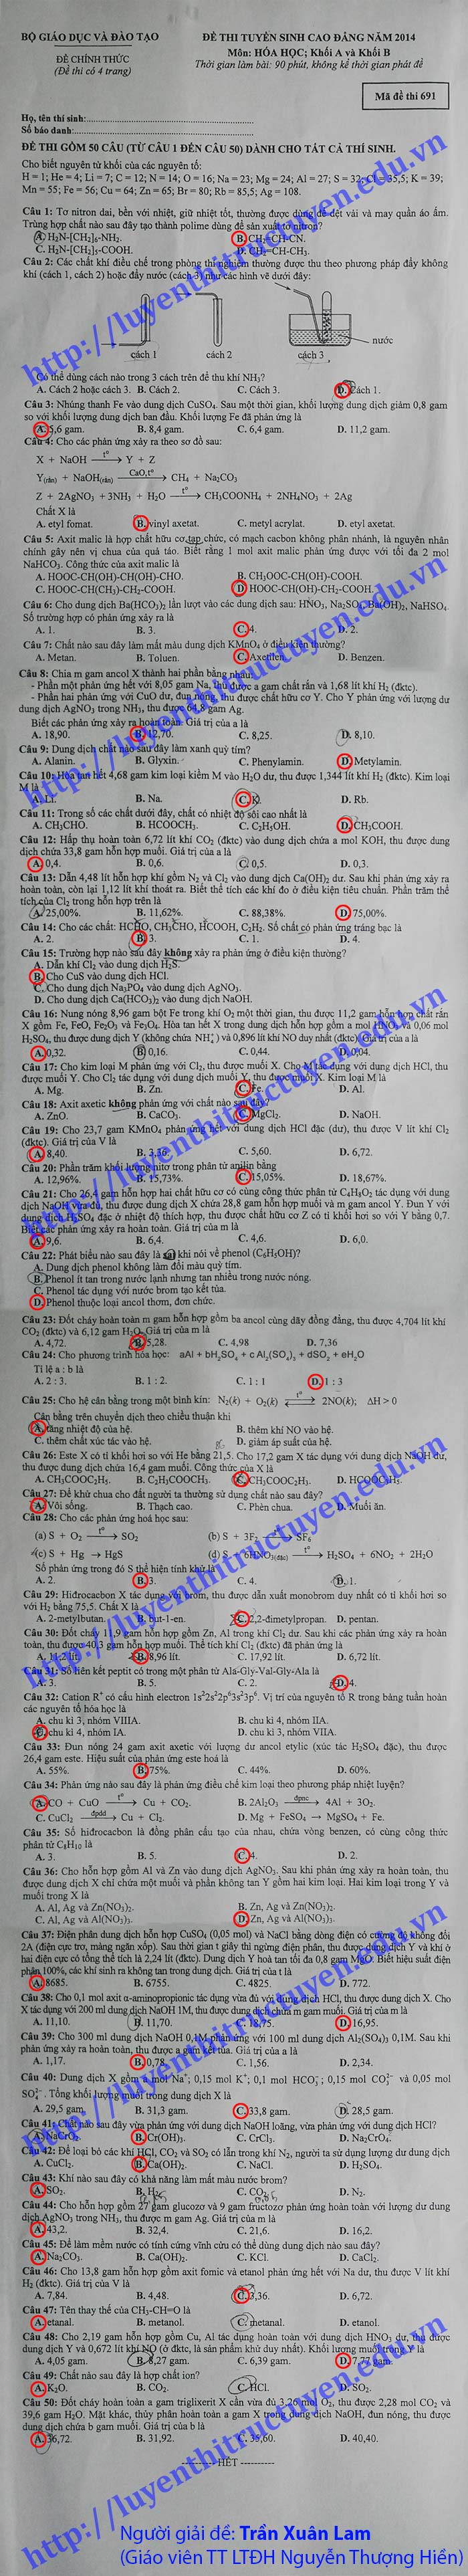 Đề và Đáp án đề thi cao đẳng môn Hóa khối A,B năm 2014 - Gợi ý giải